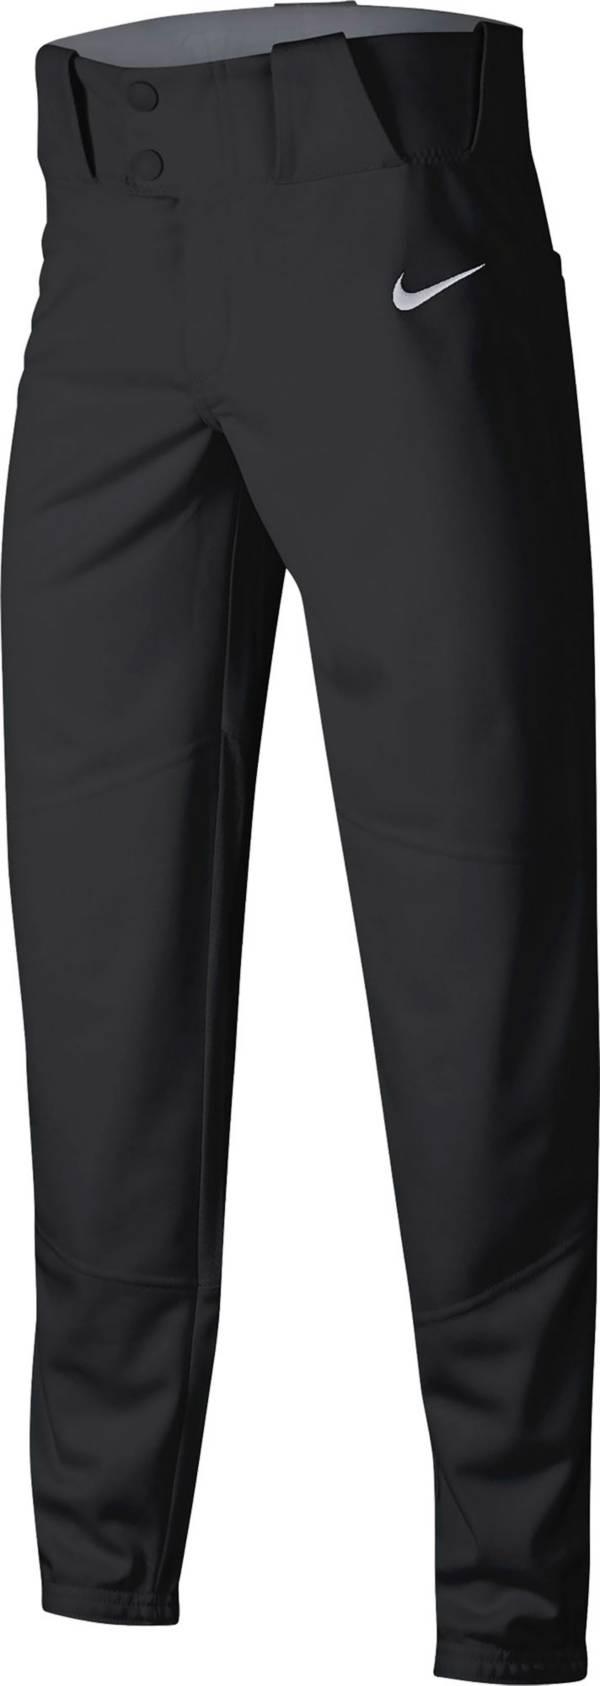 Nike Boy's Vapor Select Elastic Baseball Pants product image